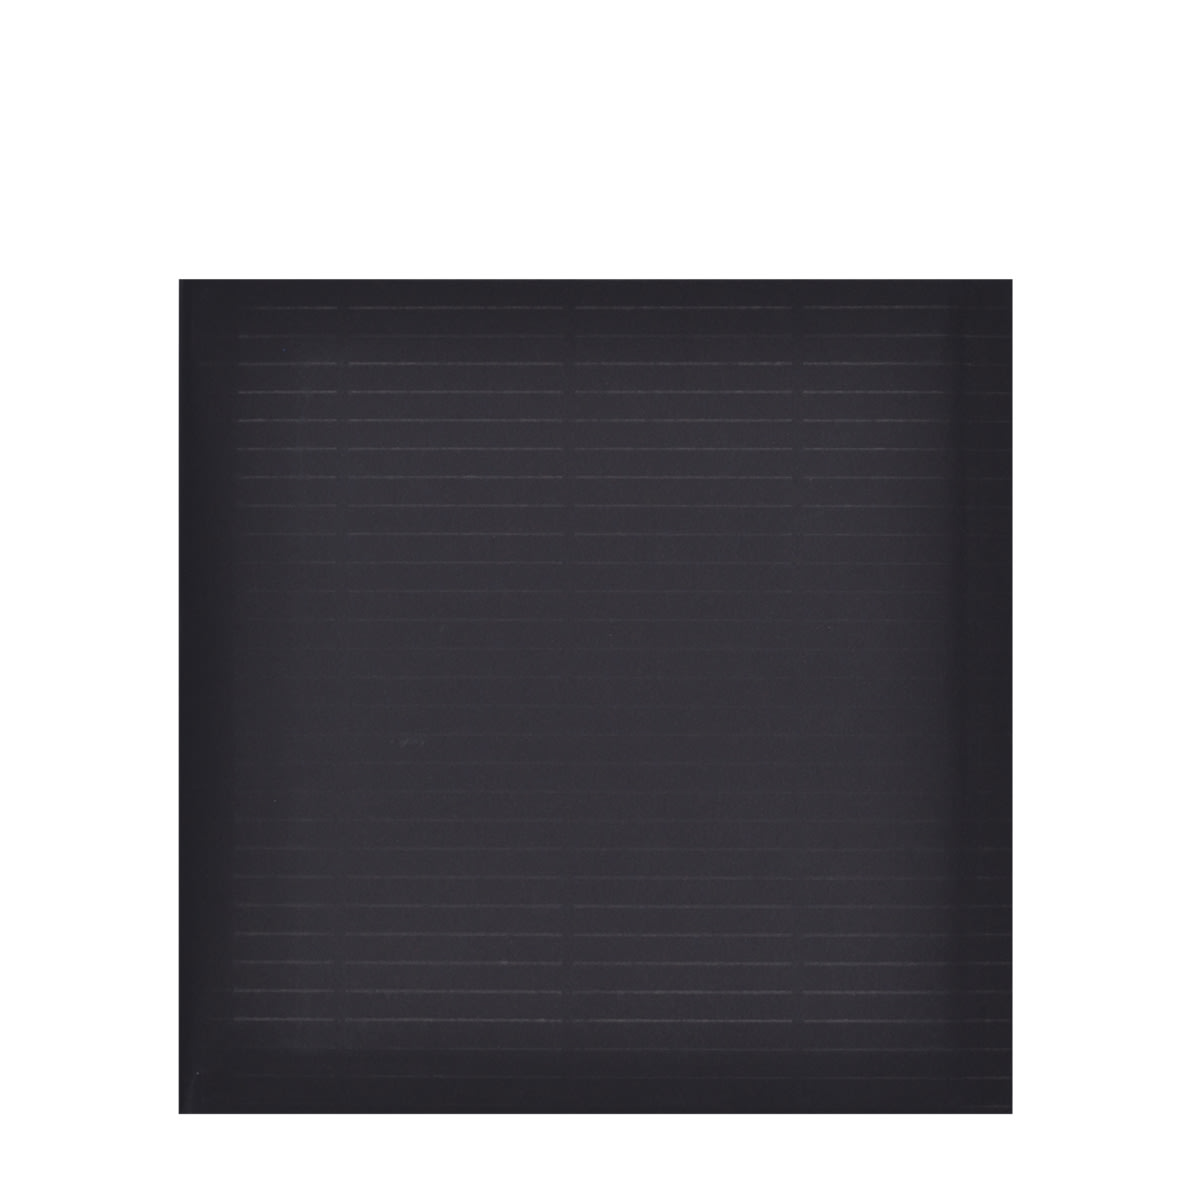 165 x 165mm BLACK PAPER PADDED ENVELOPES